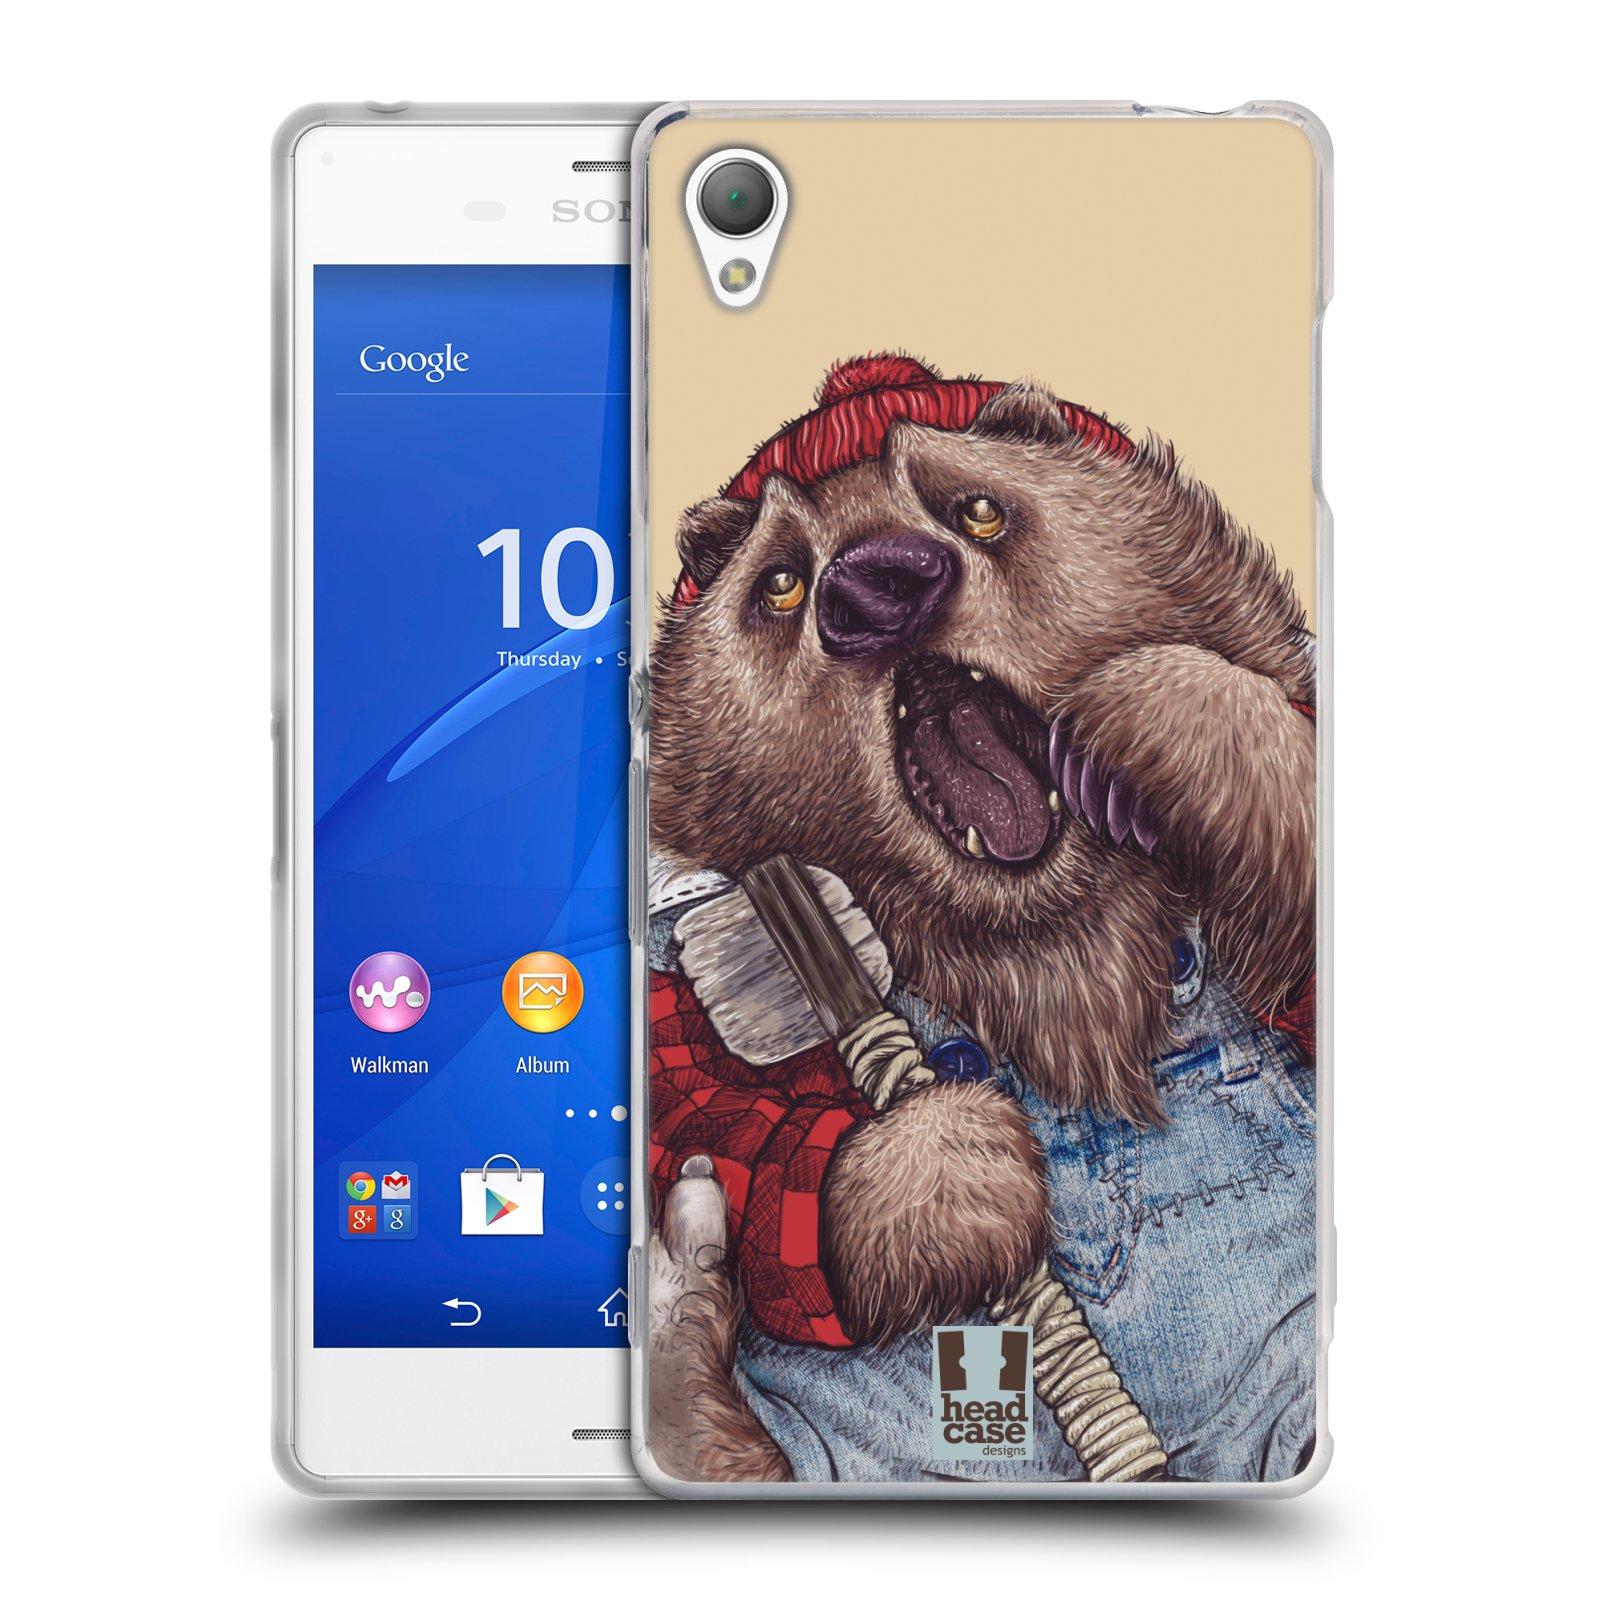 HEAD CASE silikonový obal na mobil Sony Xperia Z3 vzor Kreslená zvířátka medvěd